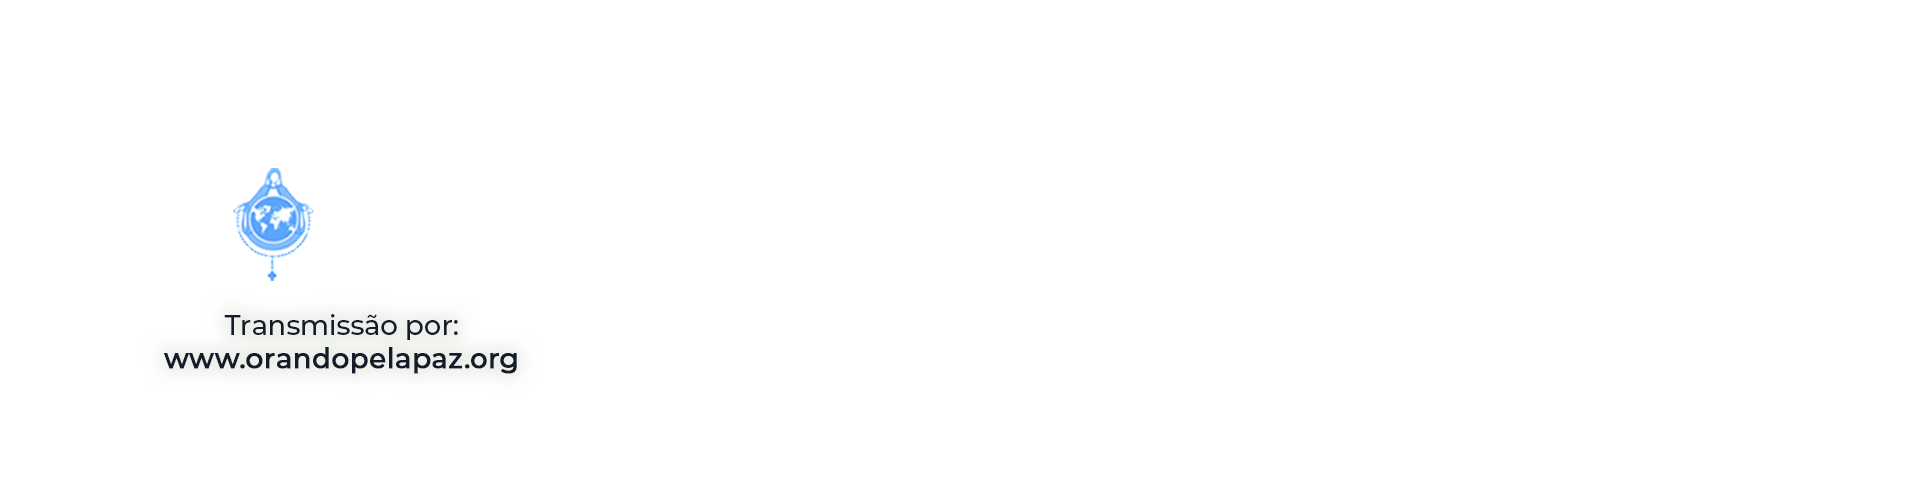 bn_logo_port.png